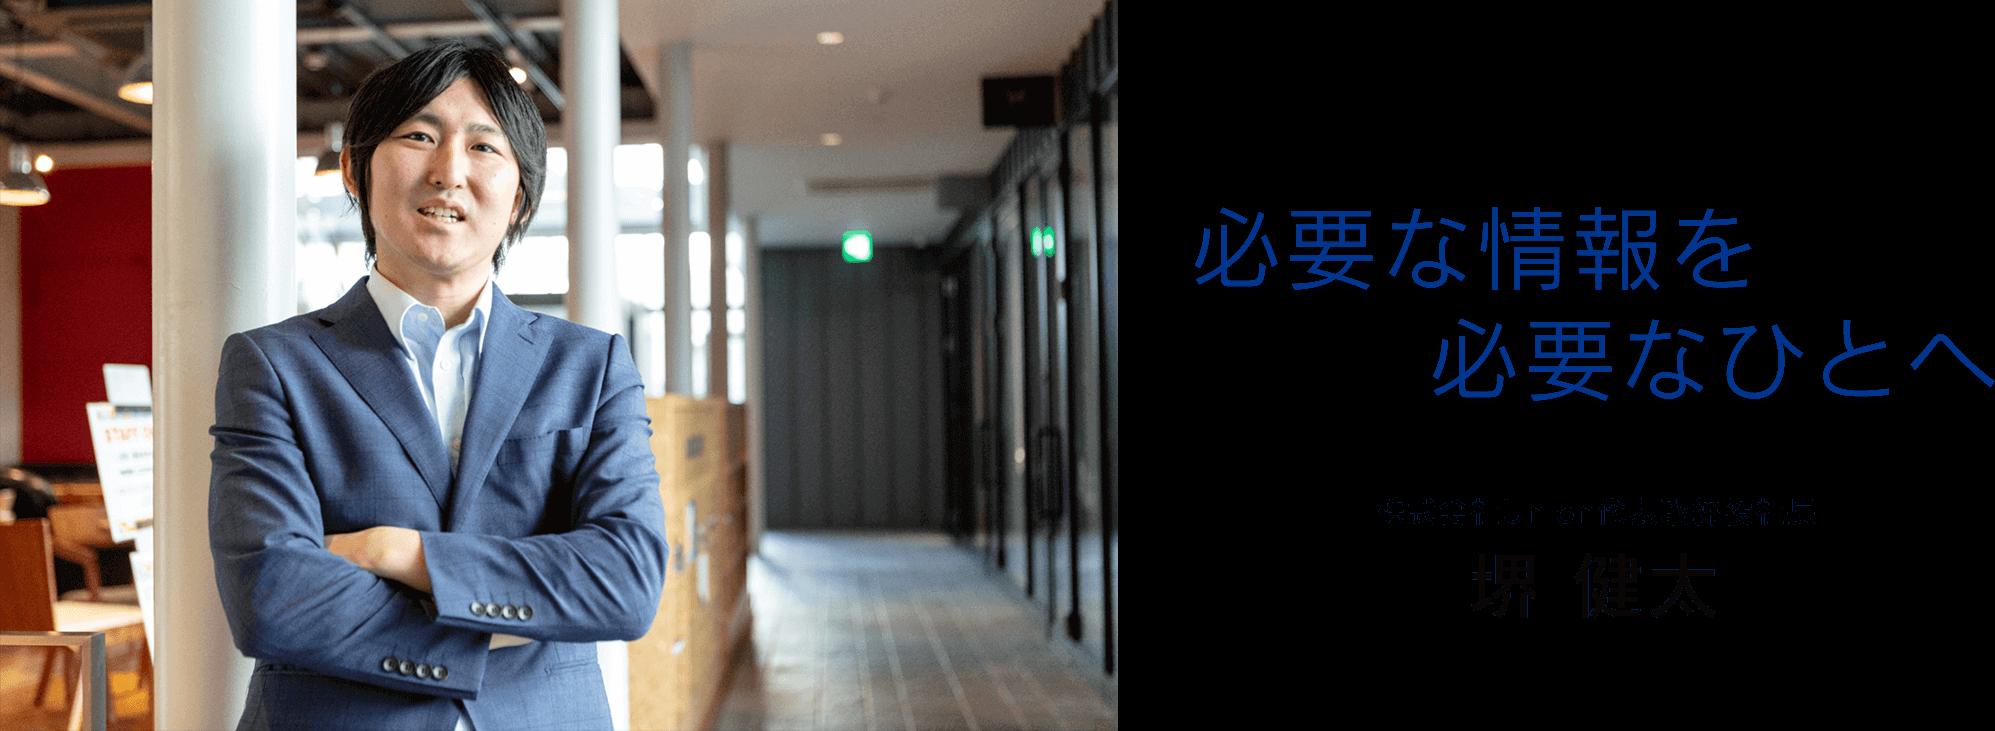 必要な情報を必要なひとへ。株式会社Union代表取締役社長 堺 健太